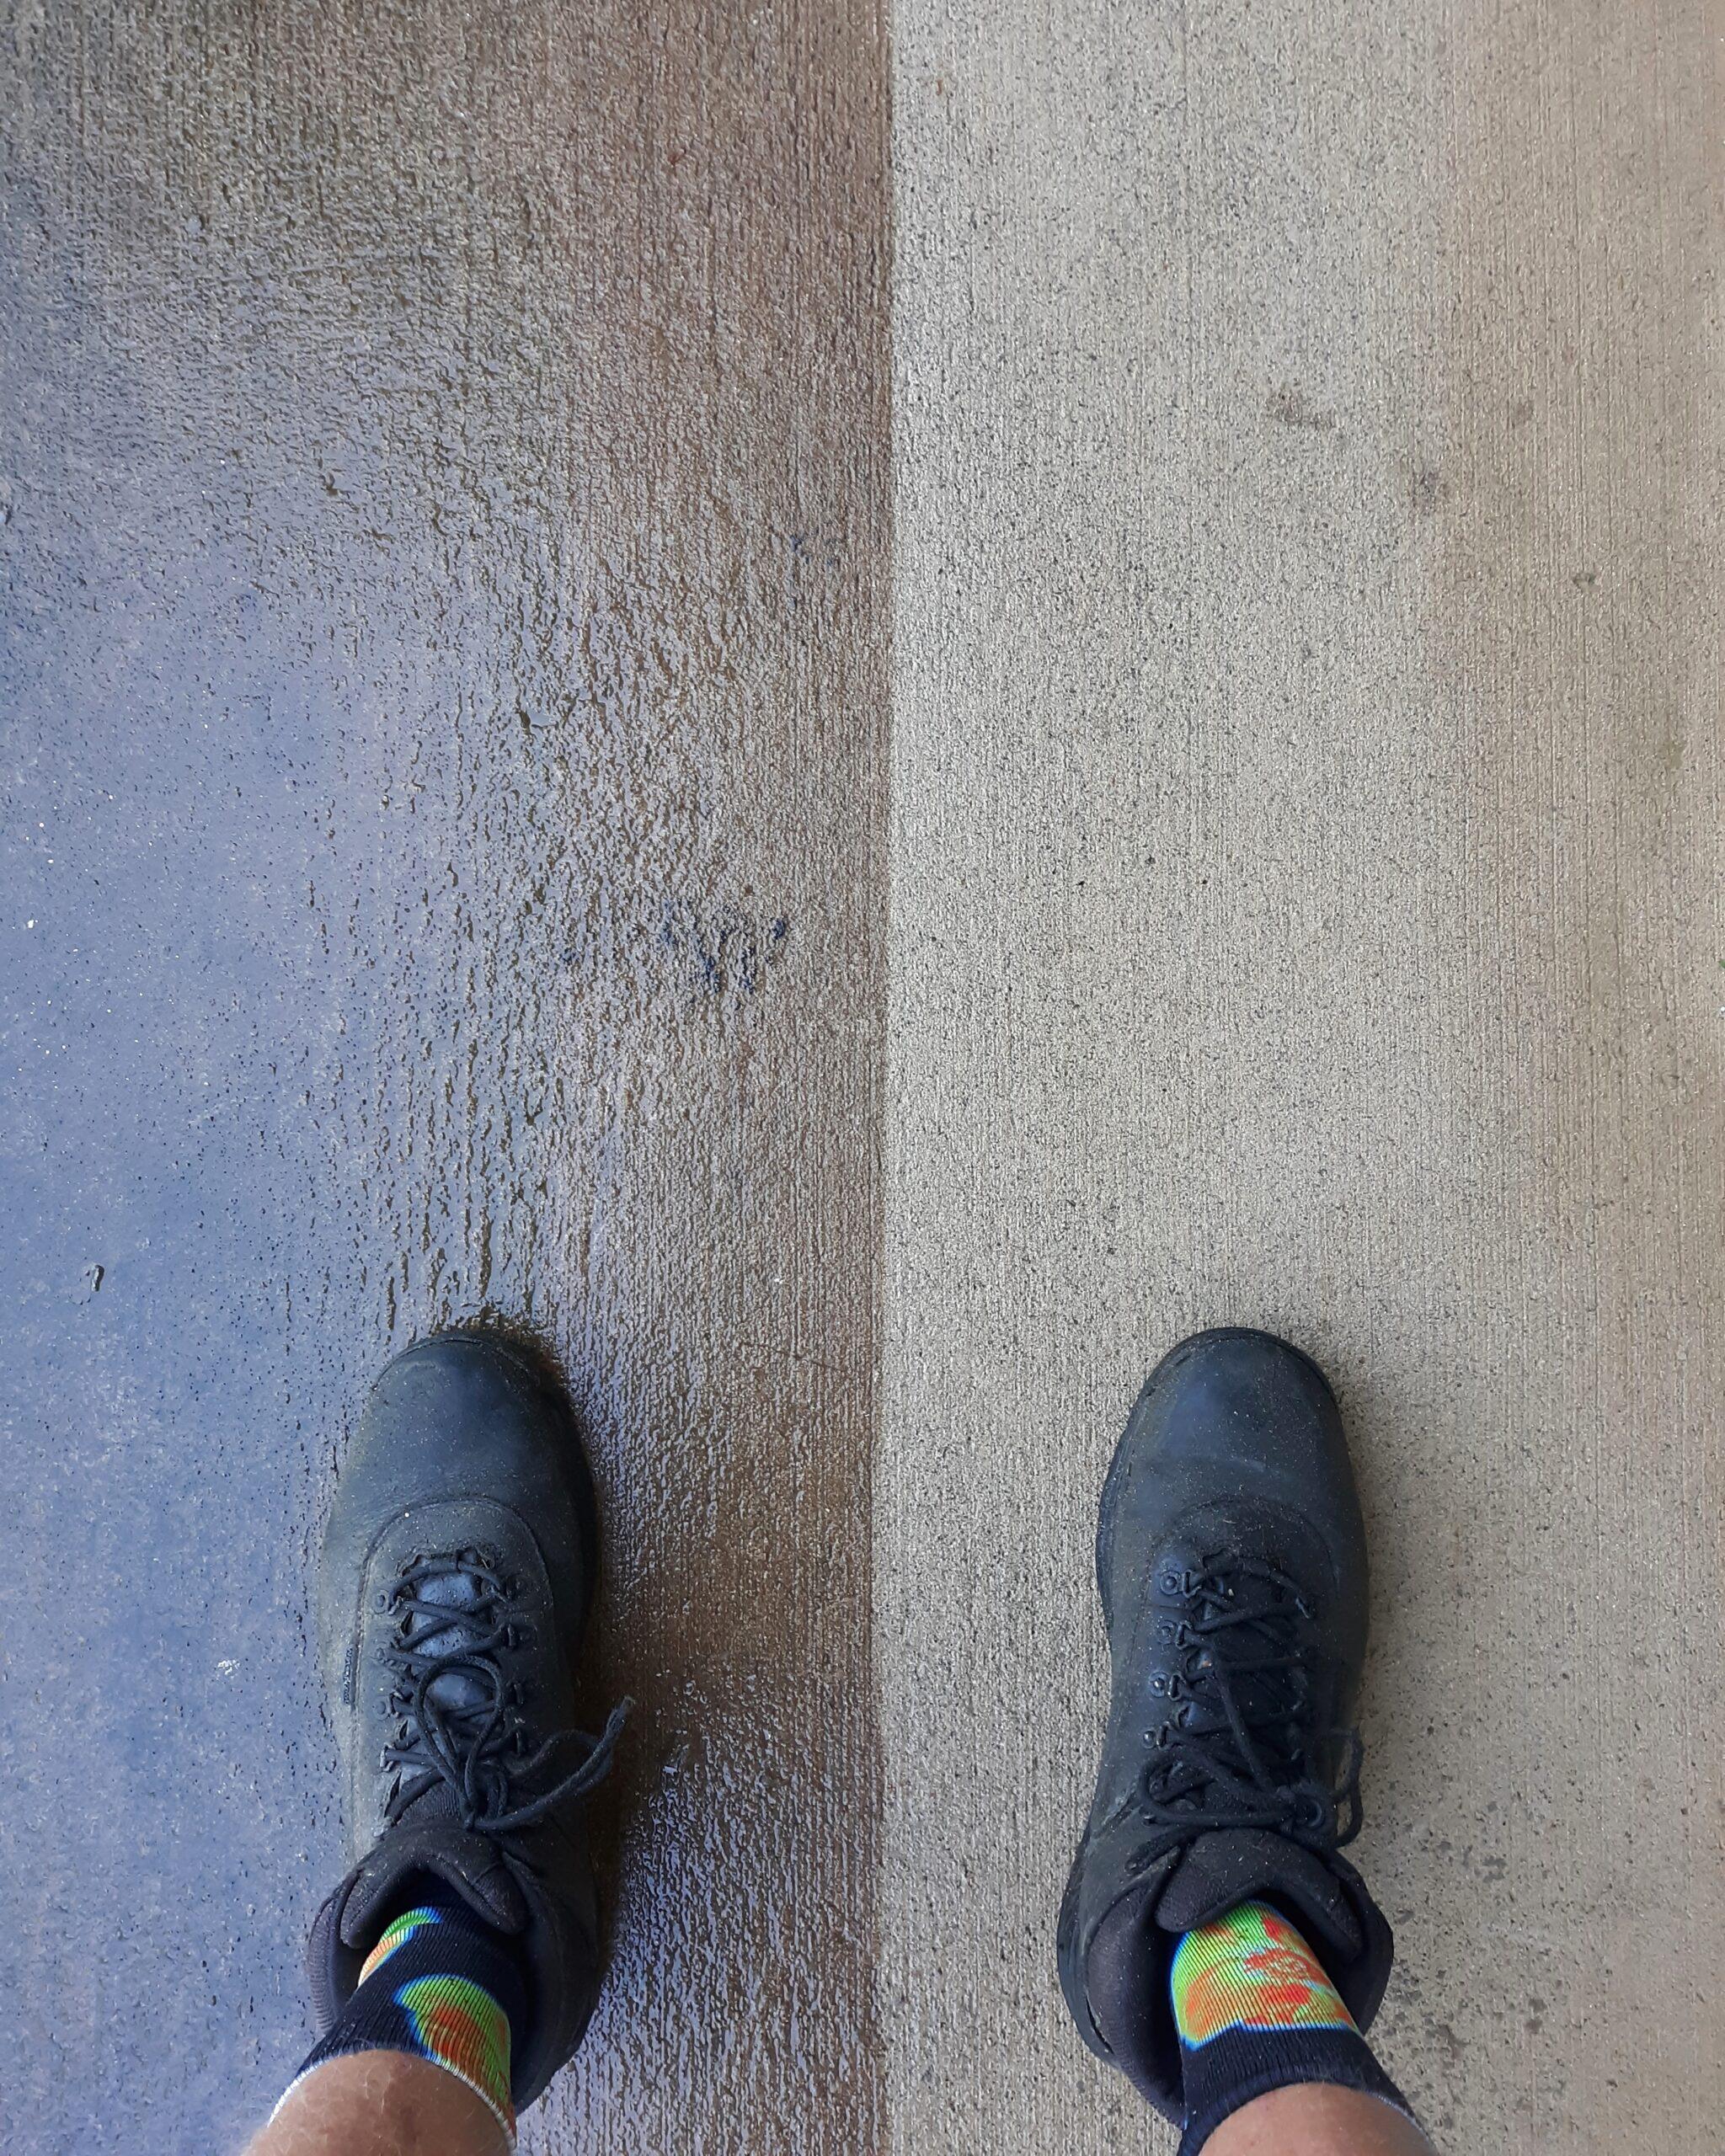 Kauai Concrete Cleaning